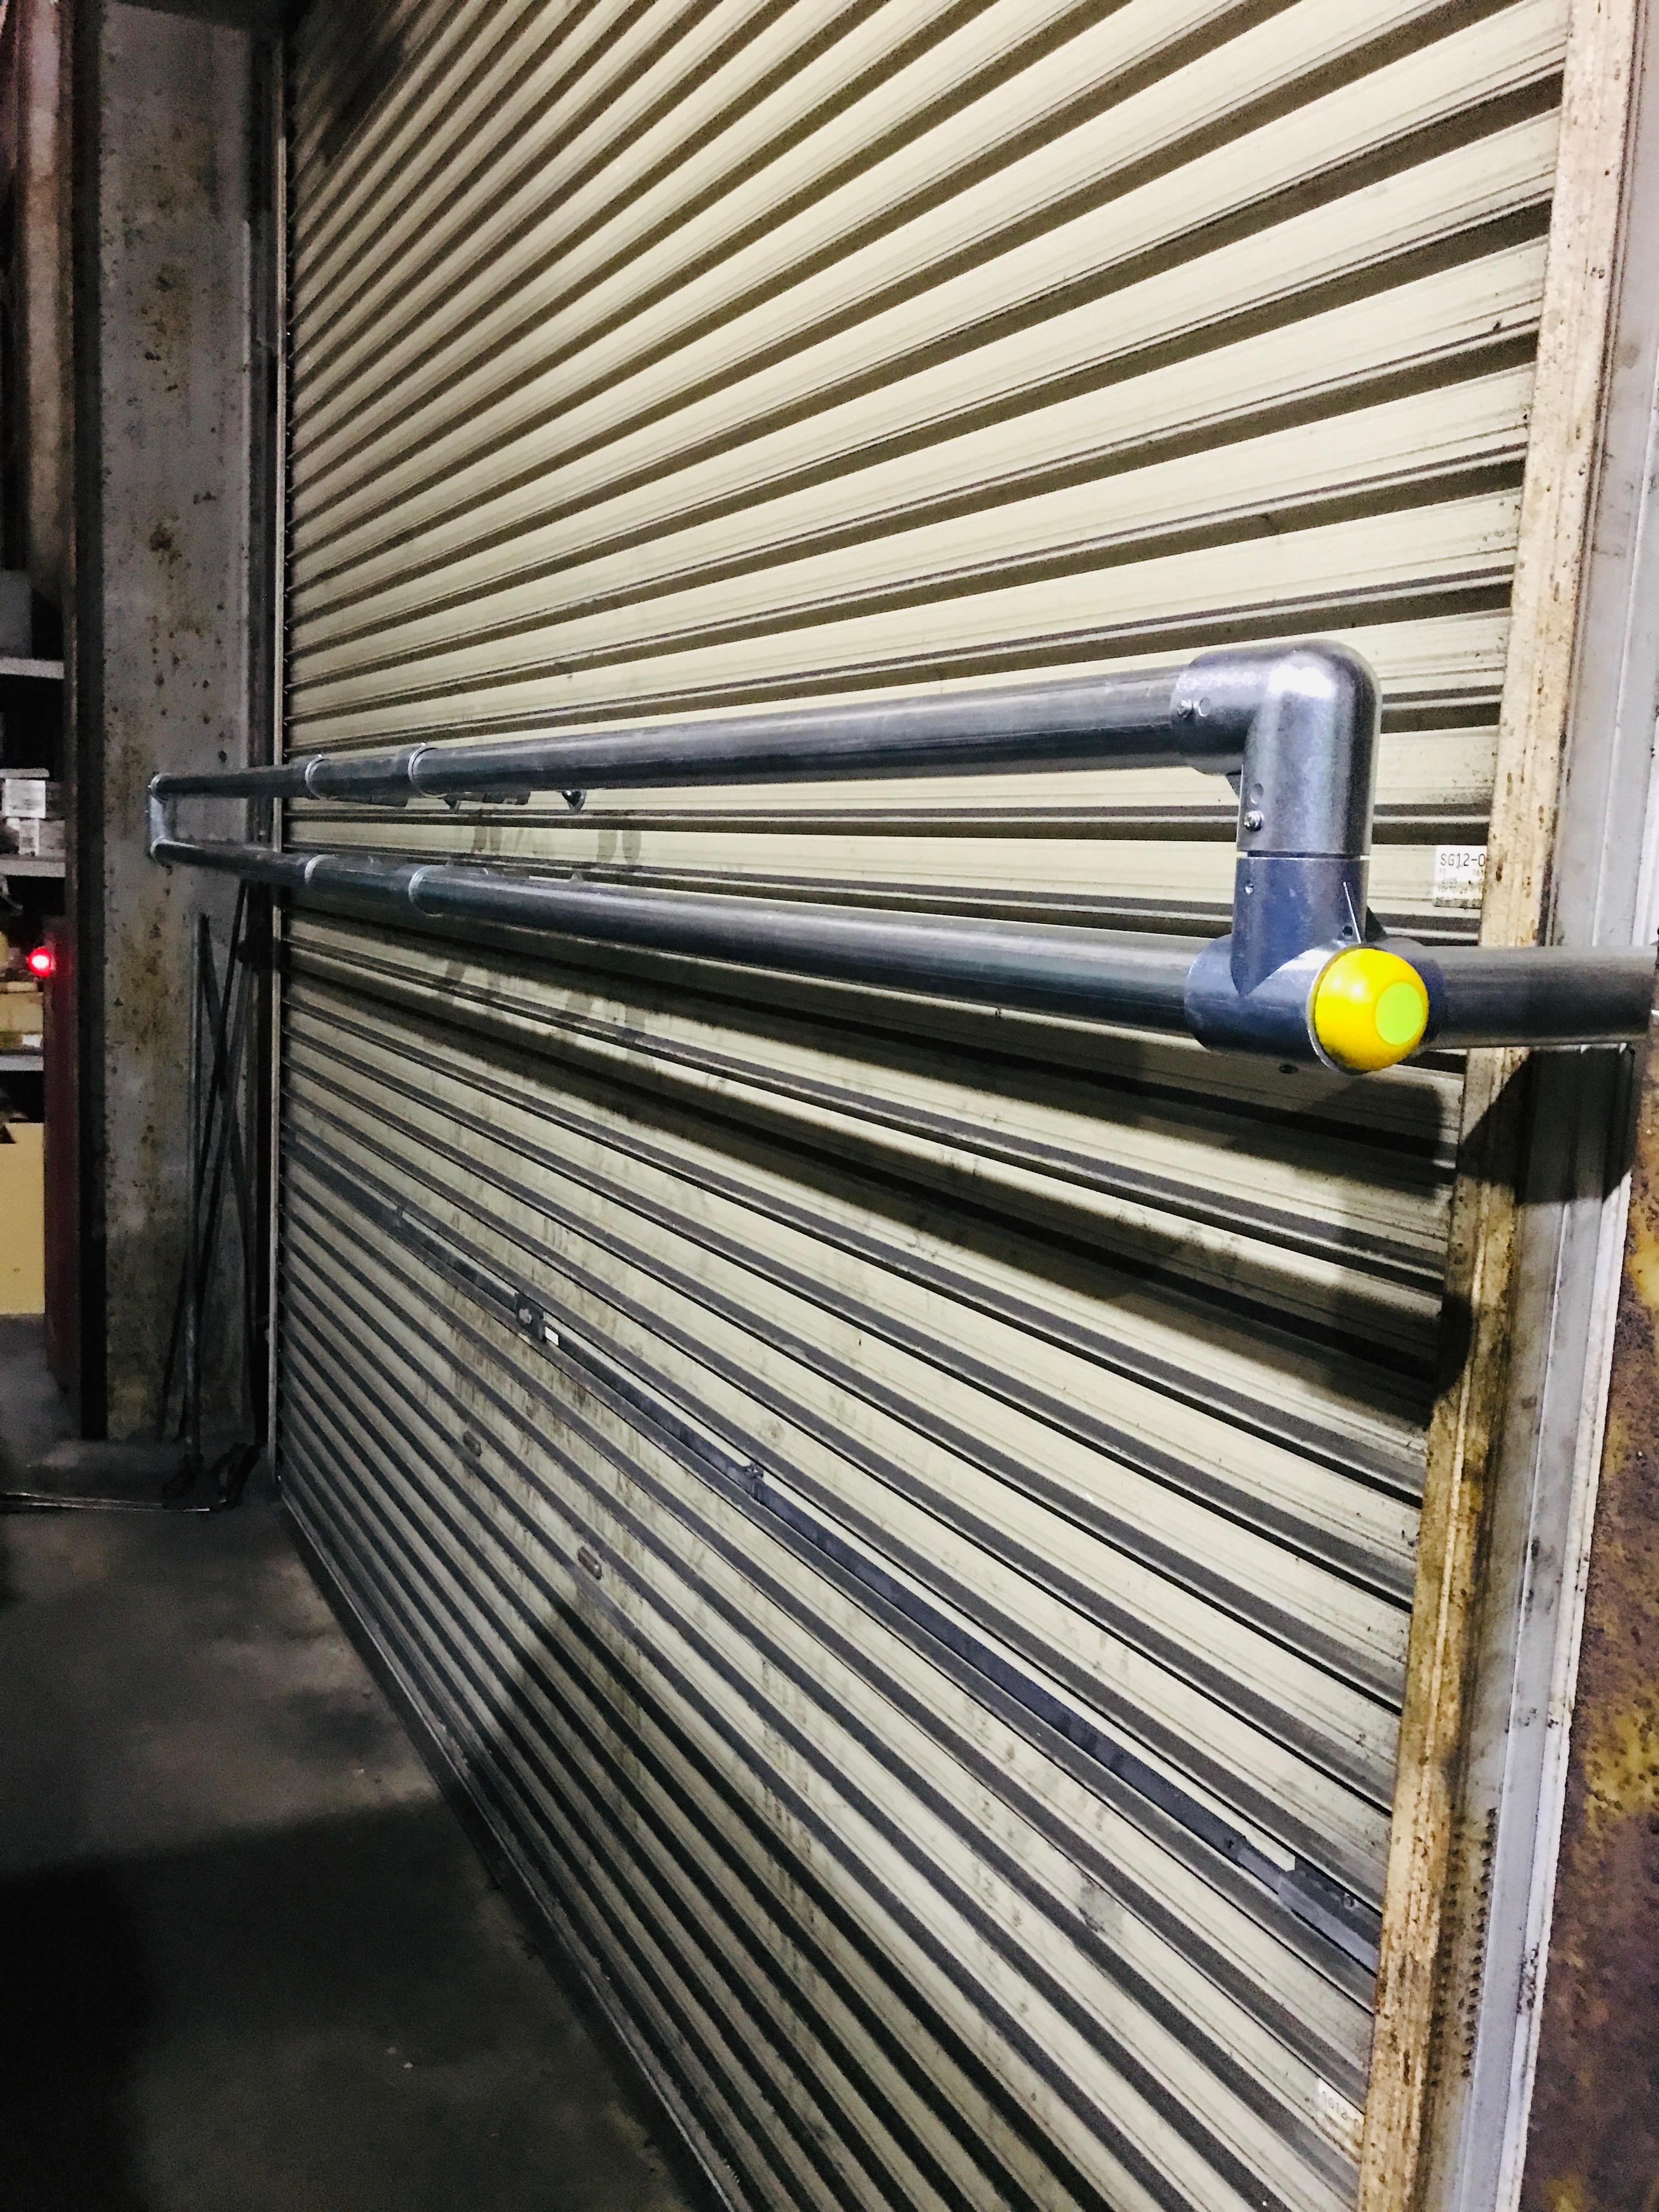 単管パイプでDIY!!台風対策のシャッターガードの作り方。(^_^)v